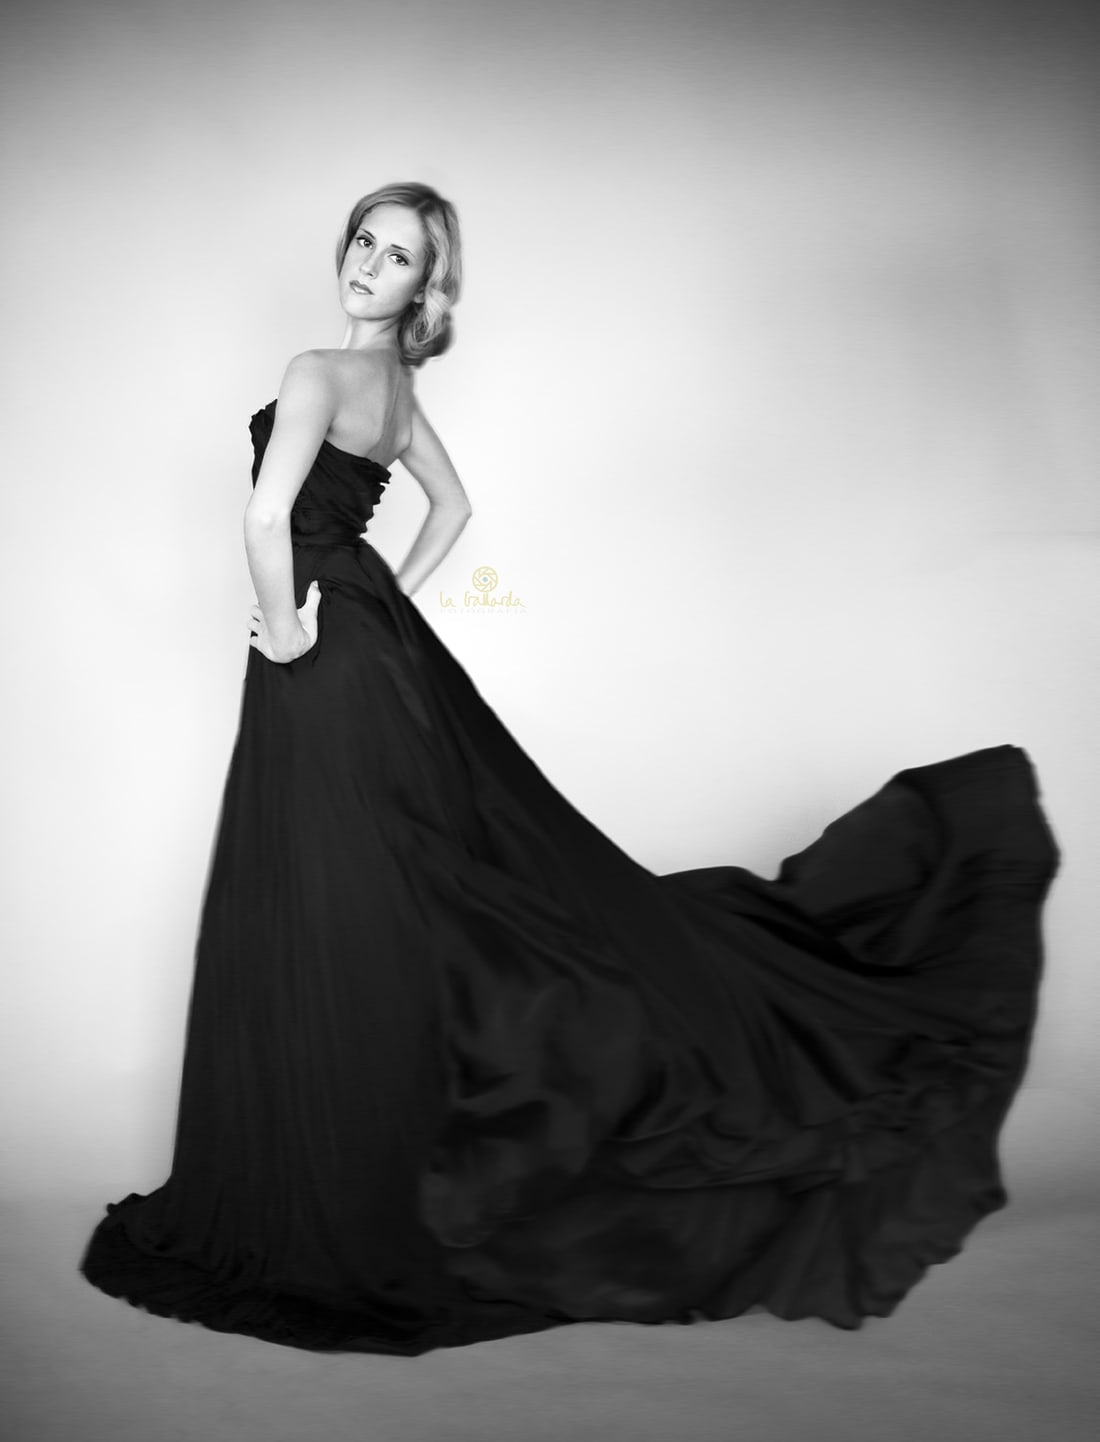 La Gallarda-estudio-fotografico-Malaga-Alhaurin-photographer- fotografo ballet-retrato-boudoir